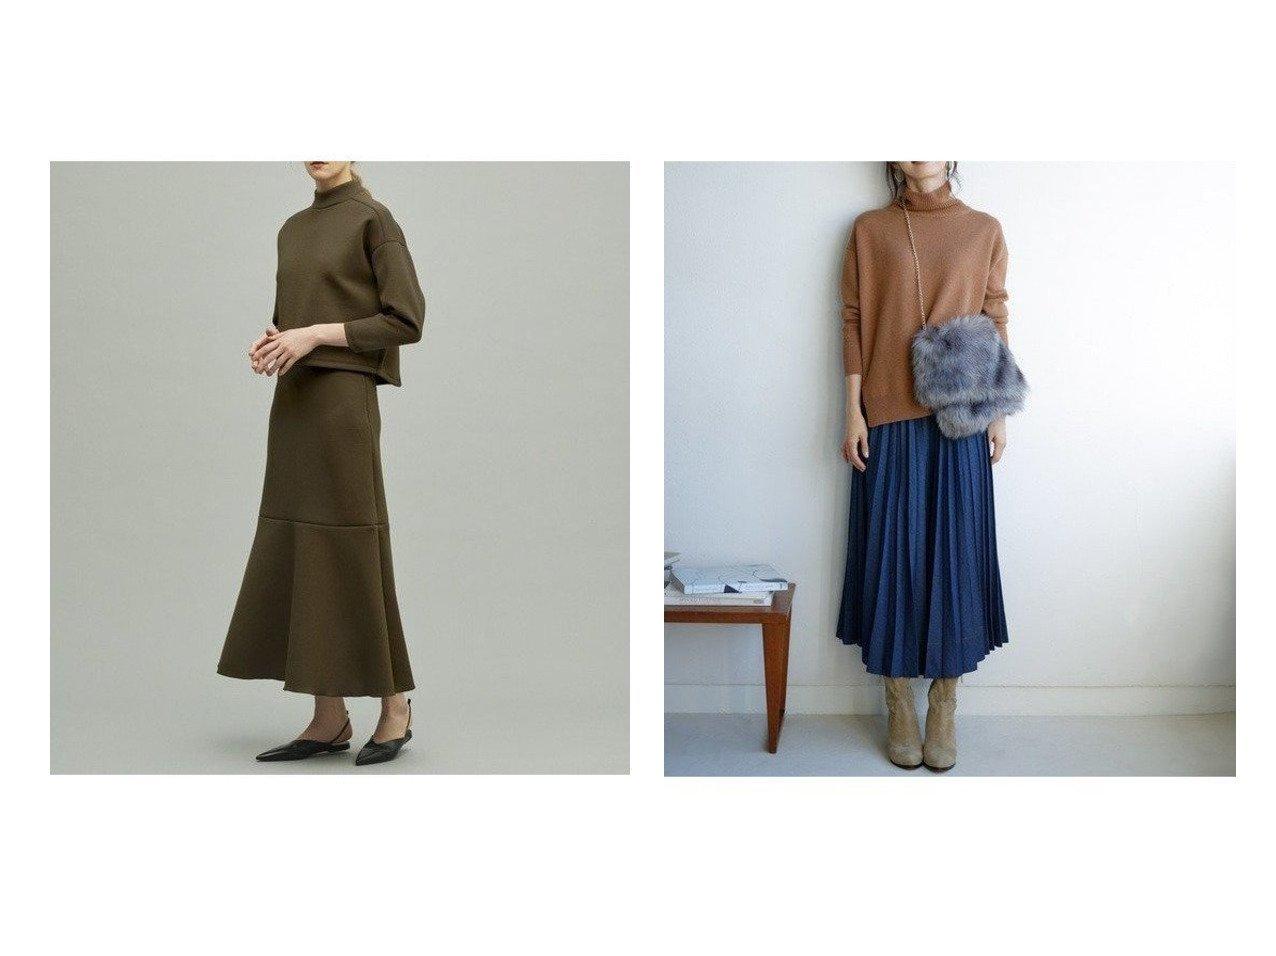 【KUMIKYOKU/組曲】の【洗える】プリーツ デニムスカート&【uncrave/アンクレイヴ】の【追加生産】スポンジージャージー スカート スカートのおすすめ!人気、トレンド・レディースファッションの通販  おすすめで人気の流行・トレンド、ファッションの通販商品 メンズファッション・キッズファッション・インテリア・家具・レディースファッション・服の通販 founy(ファニー) https://founy.com/ 雑誌掲載アイテム Magazine items ファッション雑誌 Fashion magazines ノンノ non-no ファッションモデル・俳優・女優 Models 女性 Women 西野七瀬 Nishino Nanase ファッション Fashion レディースファッション WOMEN スカート Skirt デニムスカート Denim Skirts ジャージー セットアップ 雑誌 2月号 人気 フレア ポケット マーメイド リラックス 送料無料 Free Shipping |ID:crp329100000009753